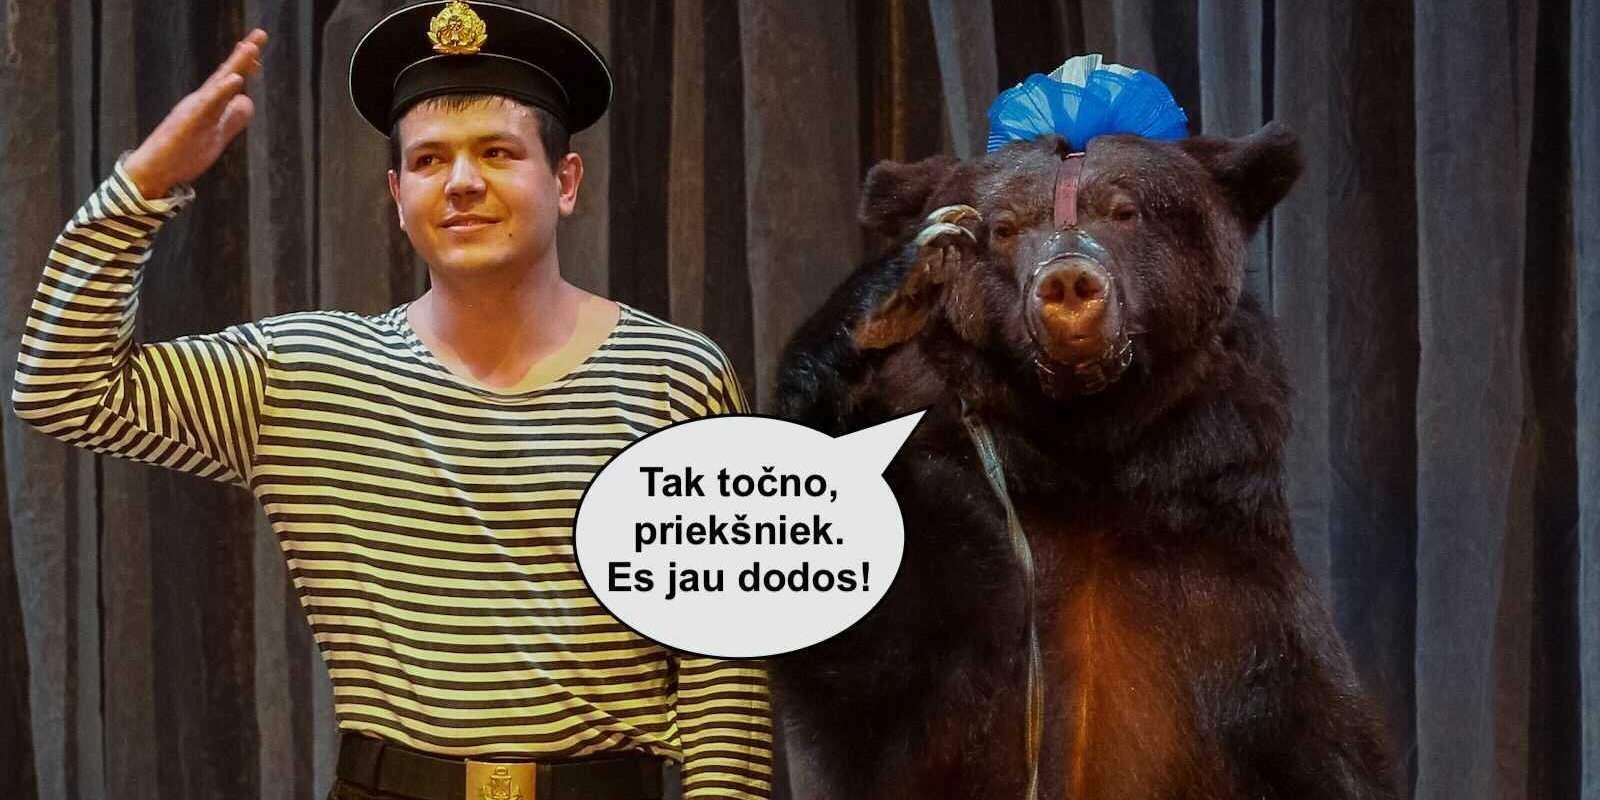 Dabas 'Cehs': Ko Vijciema lāču jandāliņš iemāca par pareizu 'ģēlu' kārtošanu Latvijā